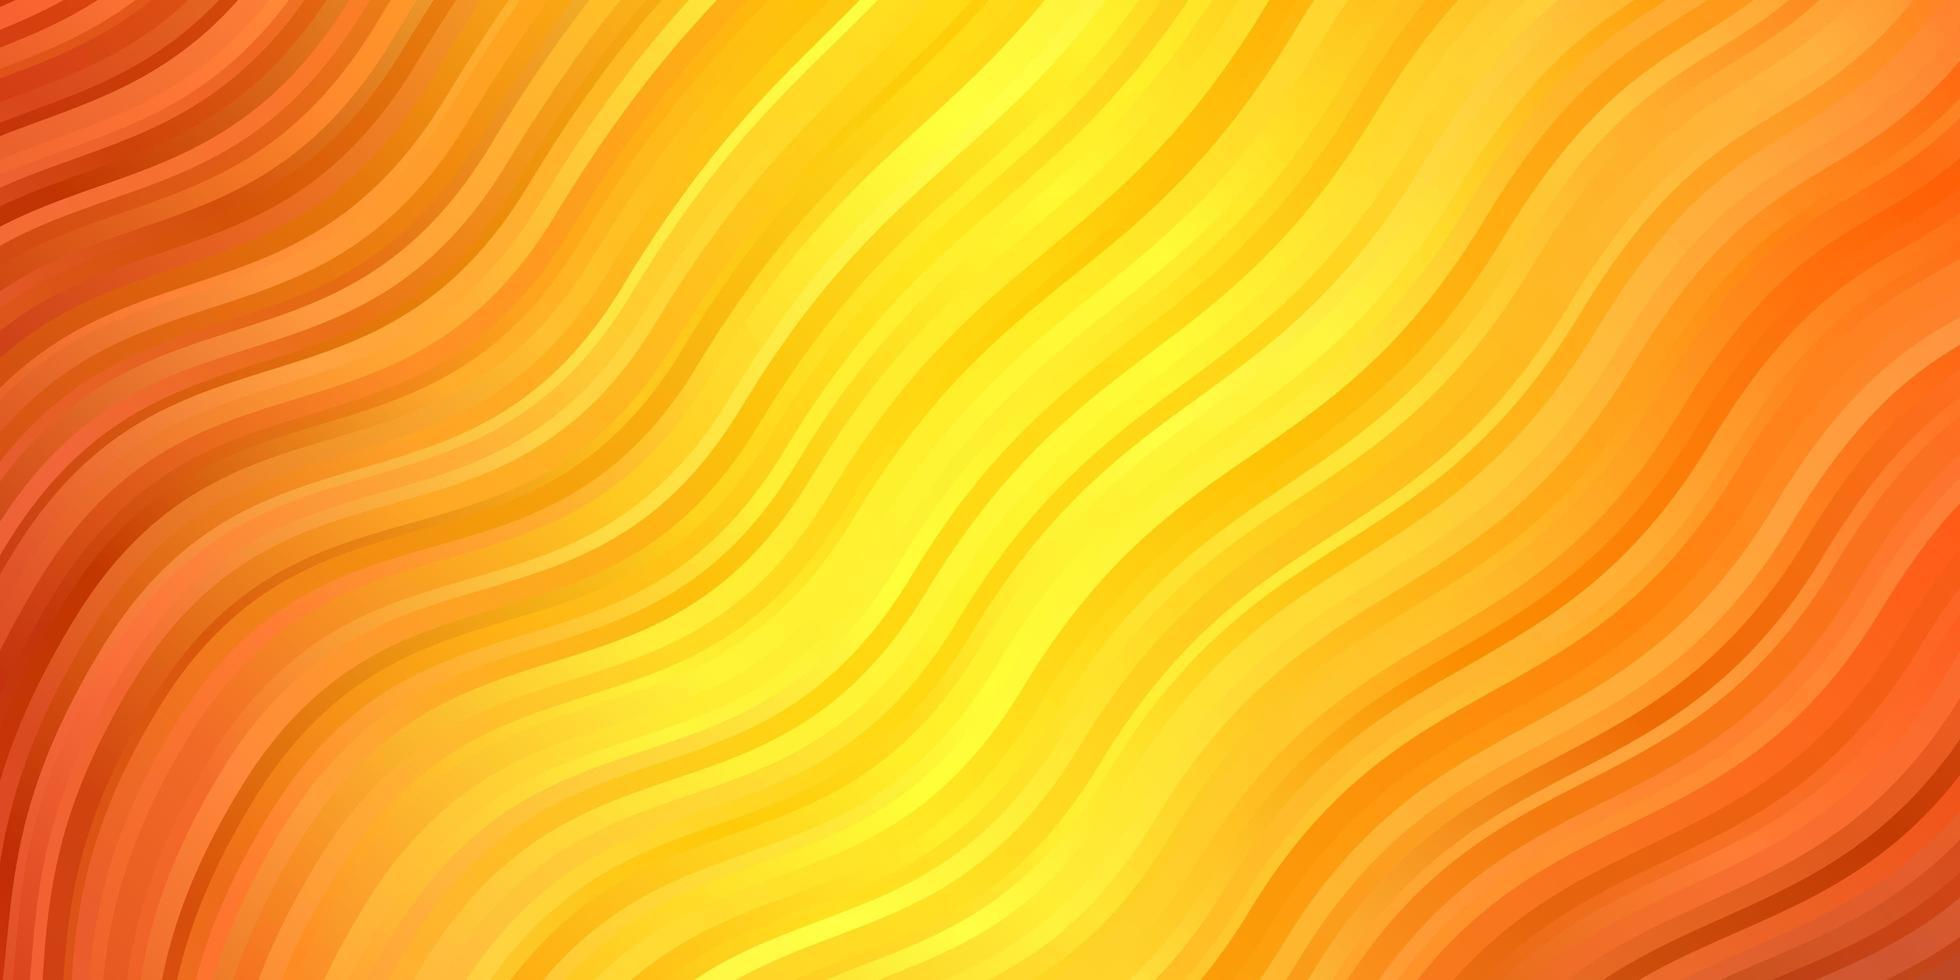 mörk orange vektor mönster med kurvor.